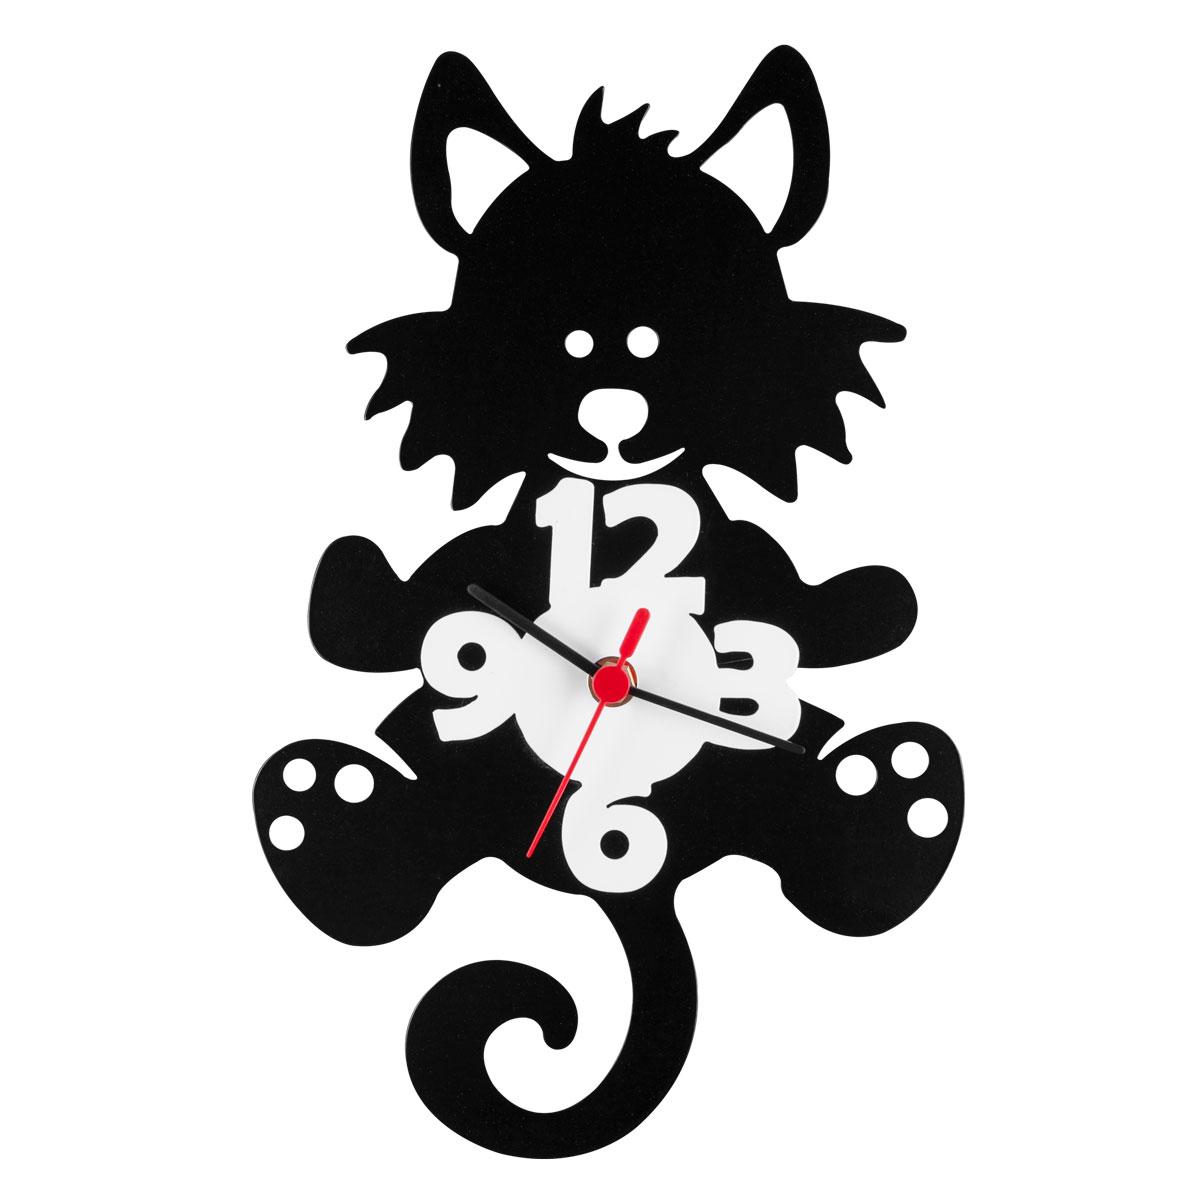 Часы настенные Miolla Котик94672Оригинальные настенные часы круглой формы выполнены из стали. Часы имеют три стрелки - часовую, минутную и секундную и циферблат с цифрами. Необычное дизайнерское решение и качество исполнения придутся по вкусу каждому.Часы работают от 1 батарейки типа АА напряжением 1,5 В.